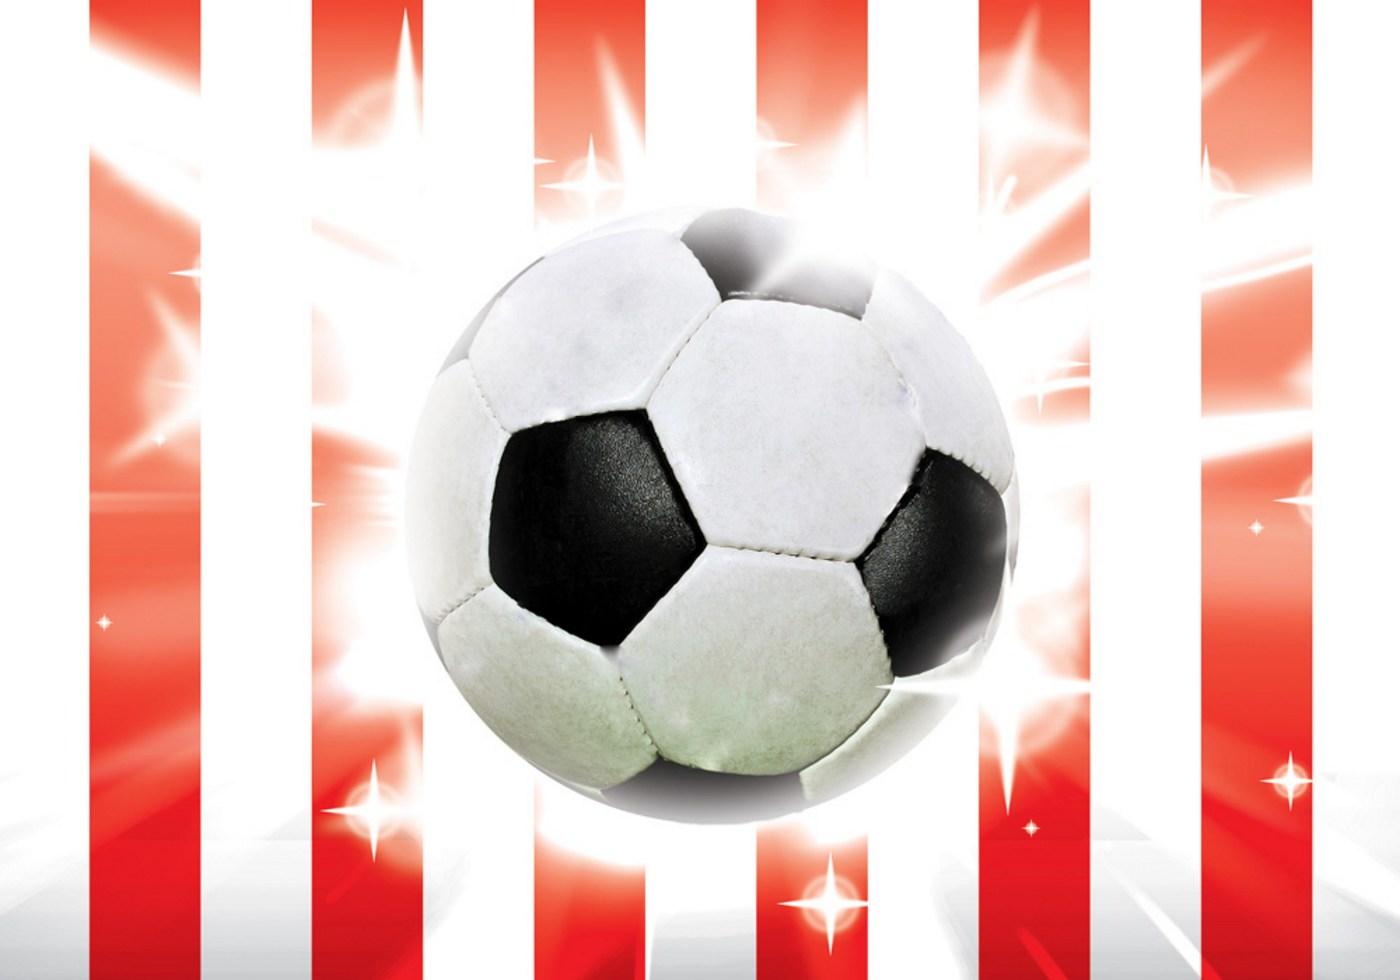 Vlies Fototapete 1034 Fussball Tapete Fussball Ball Sterne Soccer Rot Weiss Rot